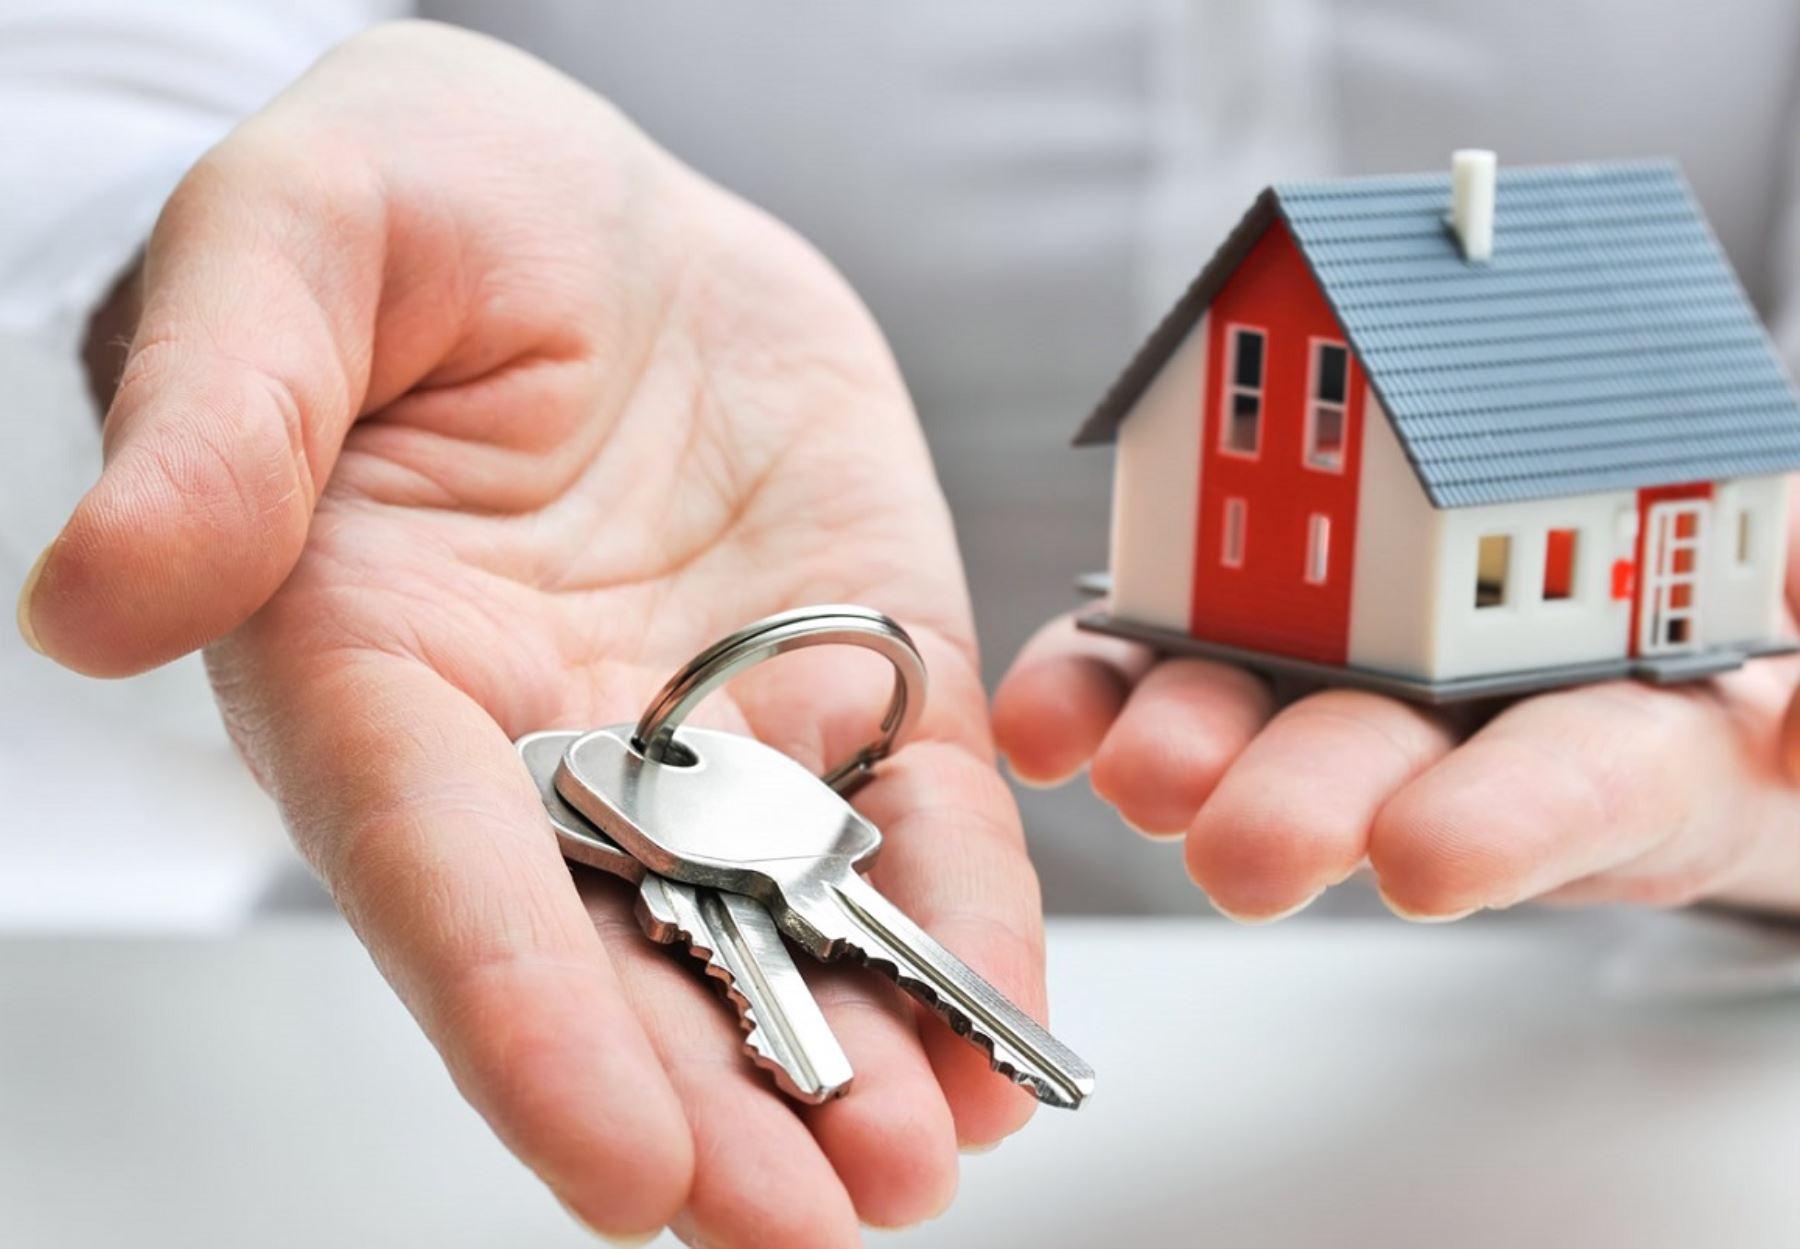 La mayoría de limeños prefiere ahorrar para una vivienda. Foto: Cortesía.